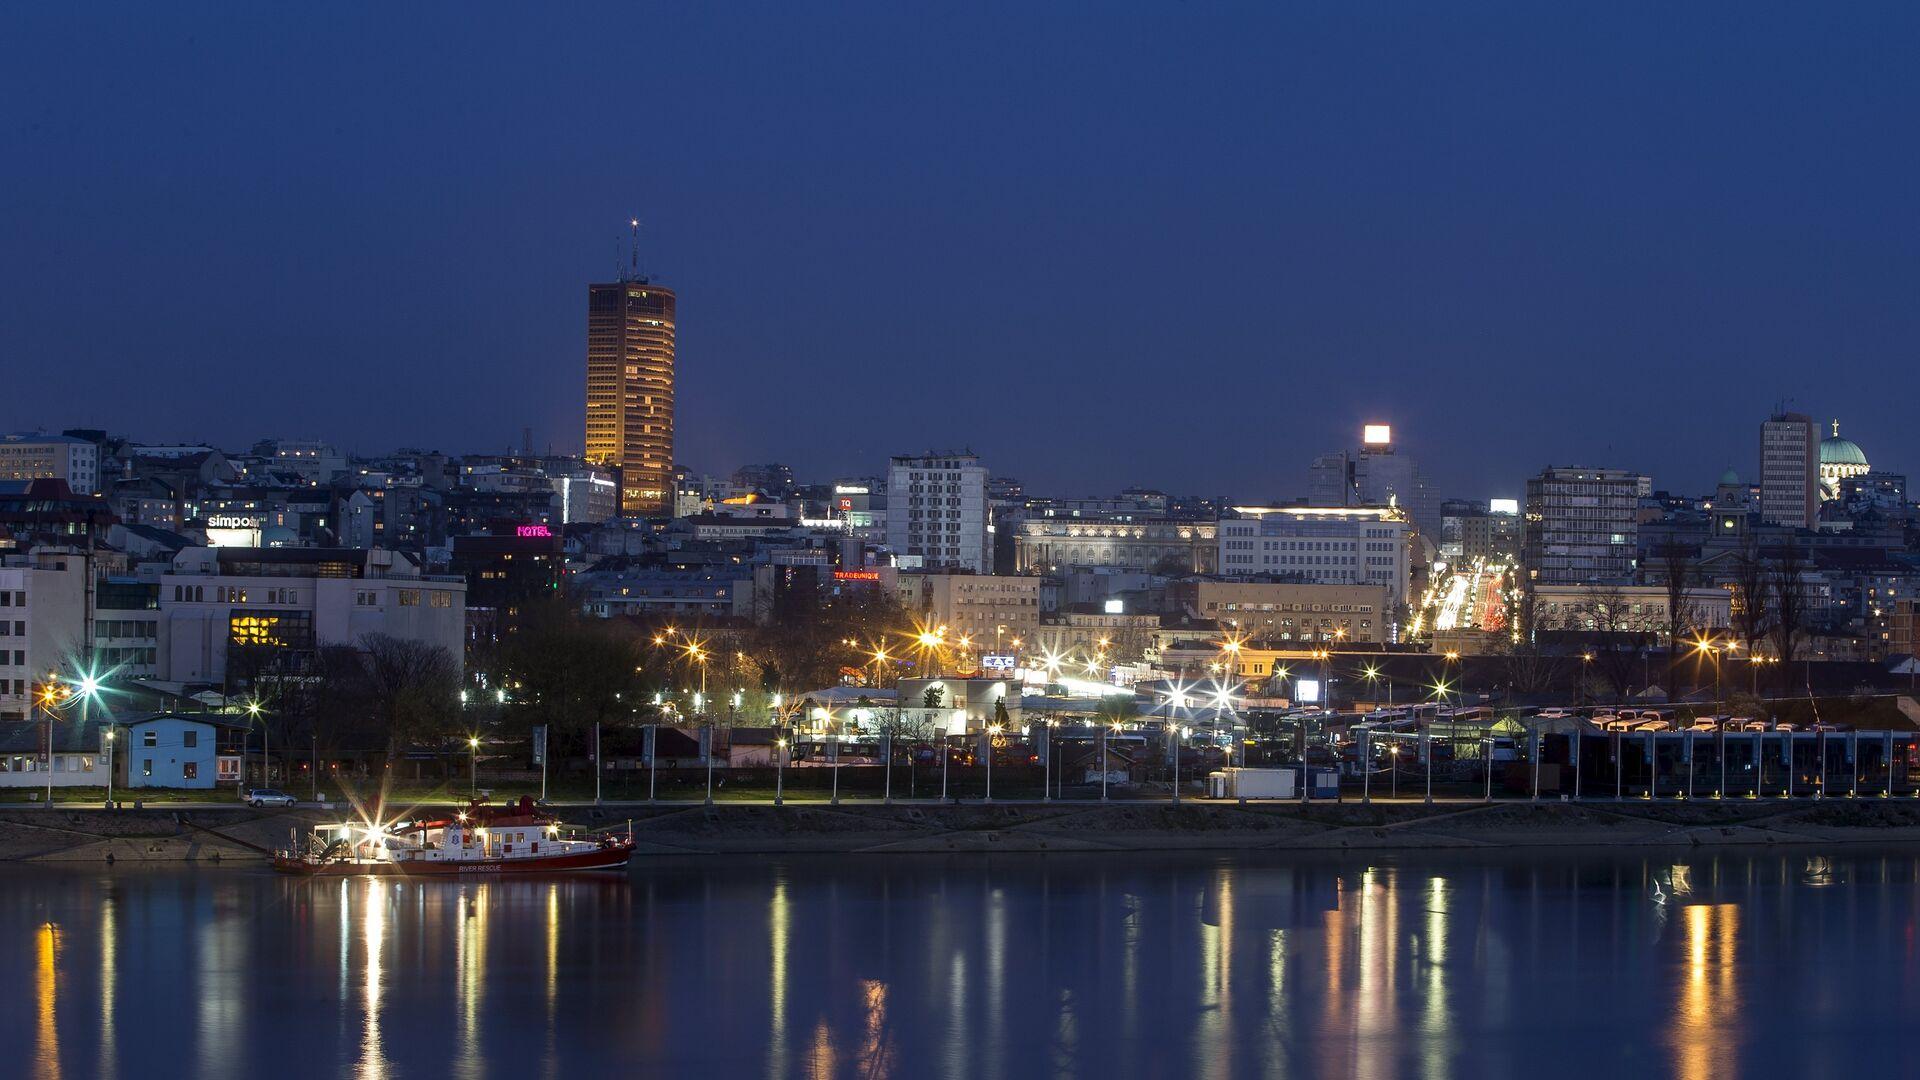 Belgrado, la capital de Serbia - Sputnik Mundo, 1920, 10.10.2021